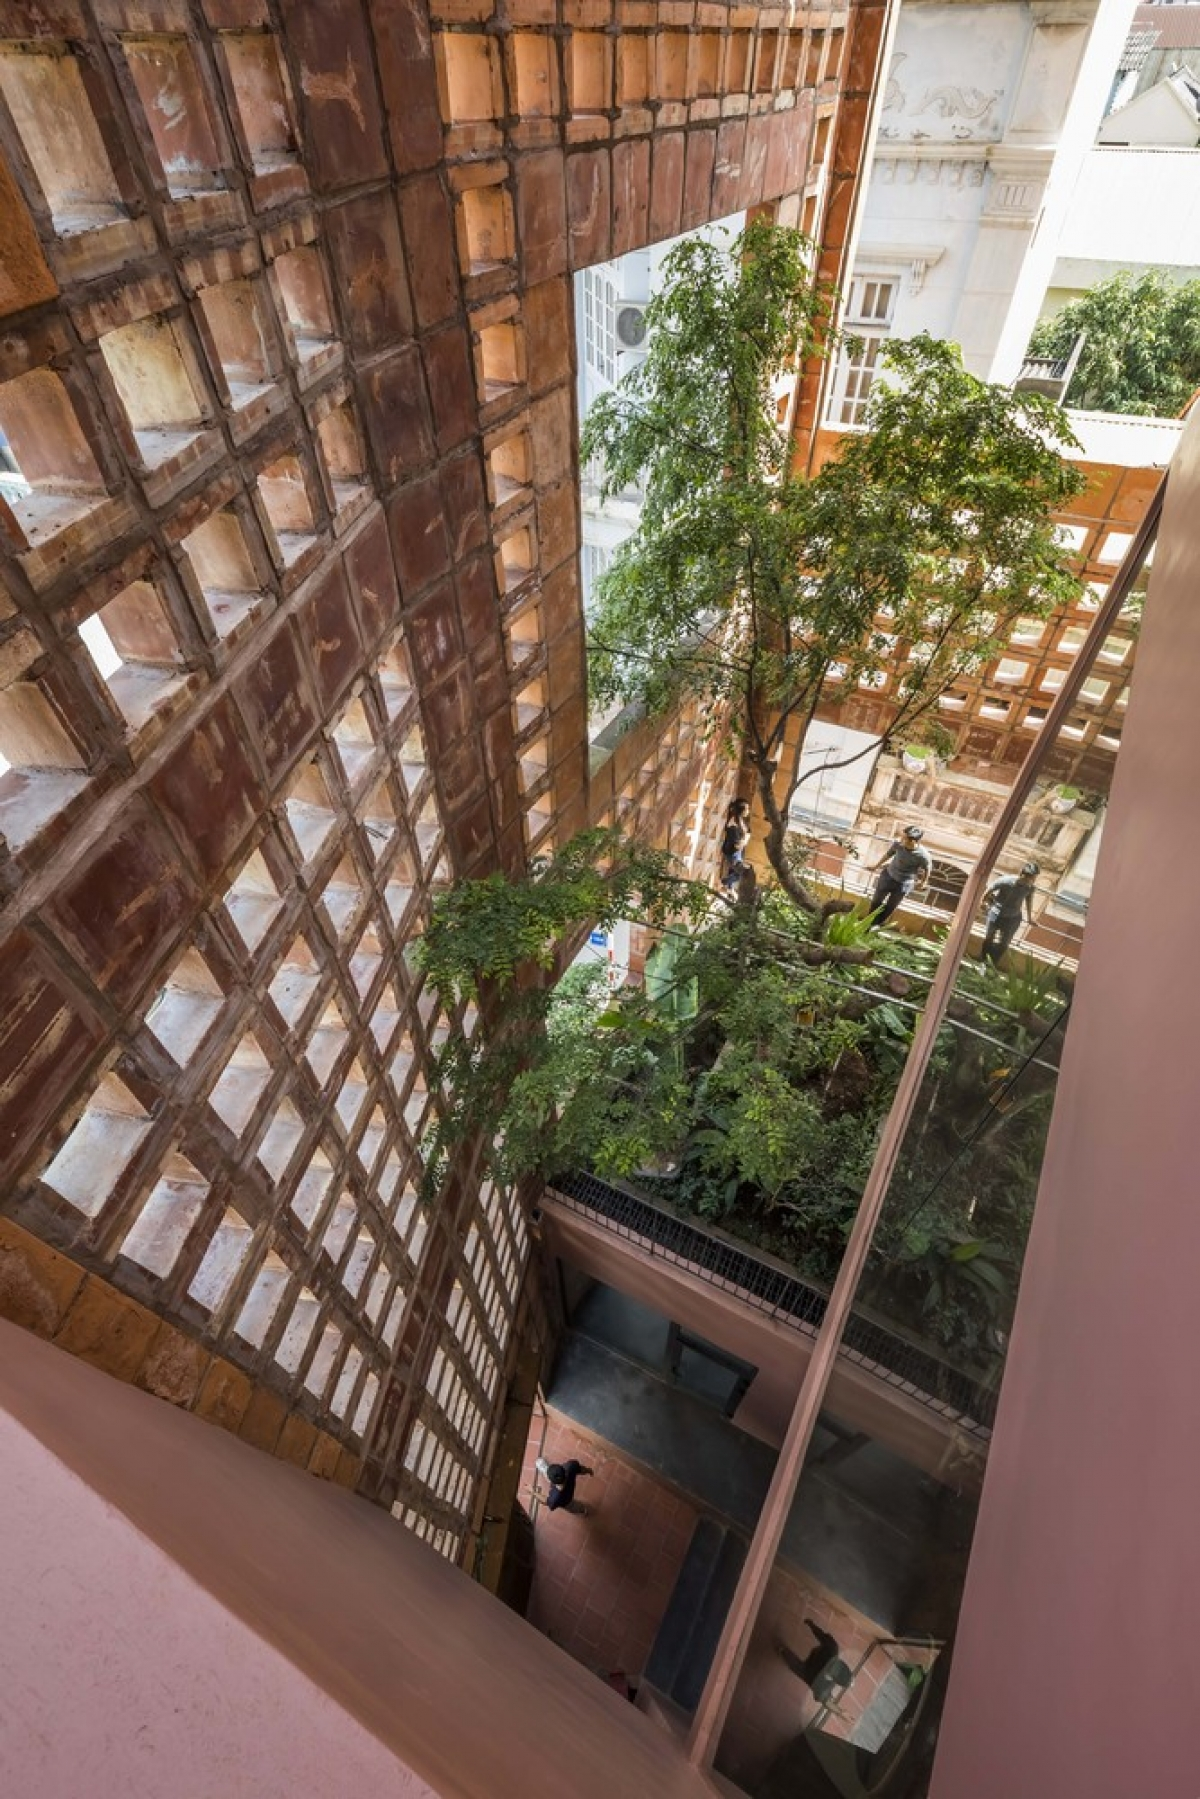 Với tổng diện tích 740 m2, ngôi nhà gạch gốm có hệ thống thông gió 3 lớp: lớp tường gạch gốm, lớp cây xanh và lớp cửa kính.